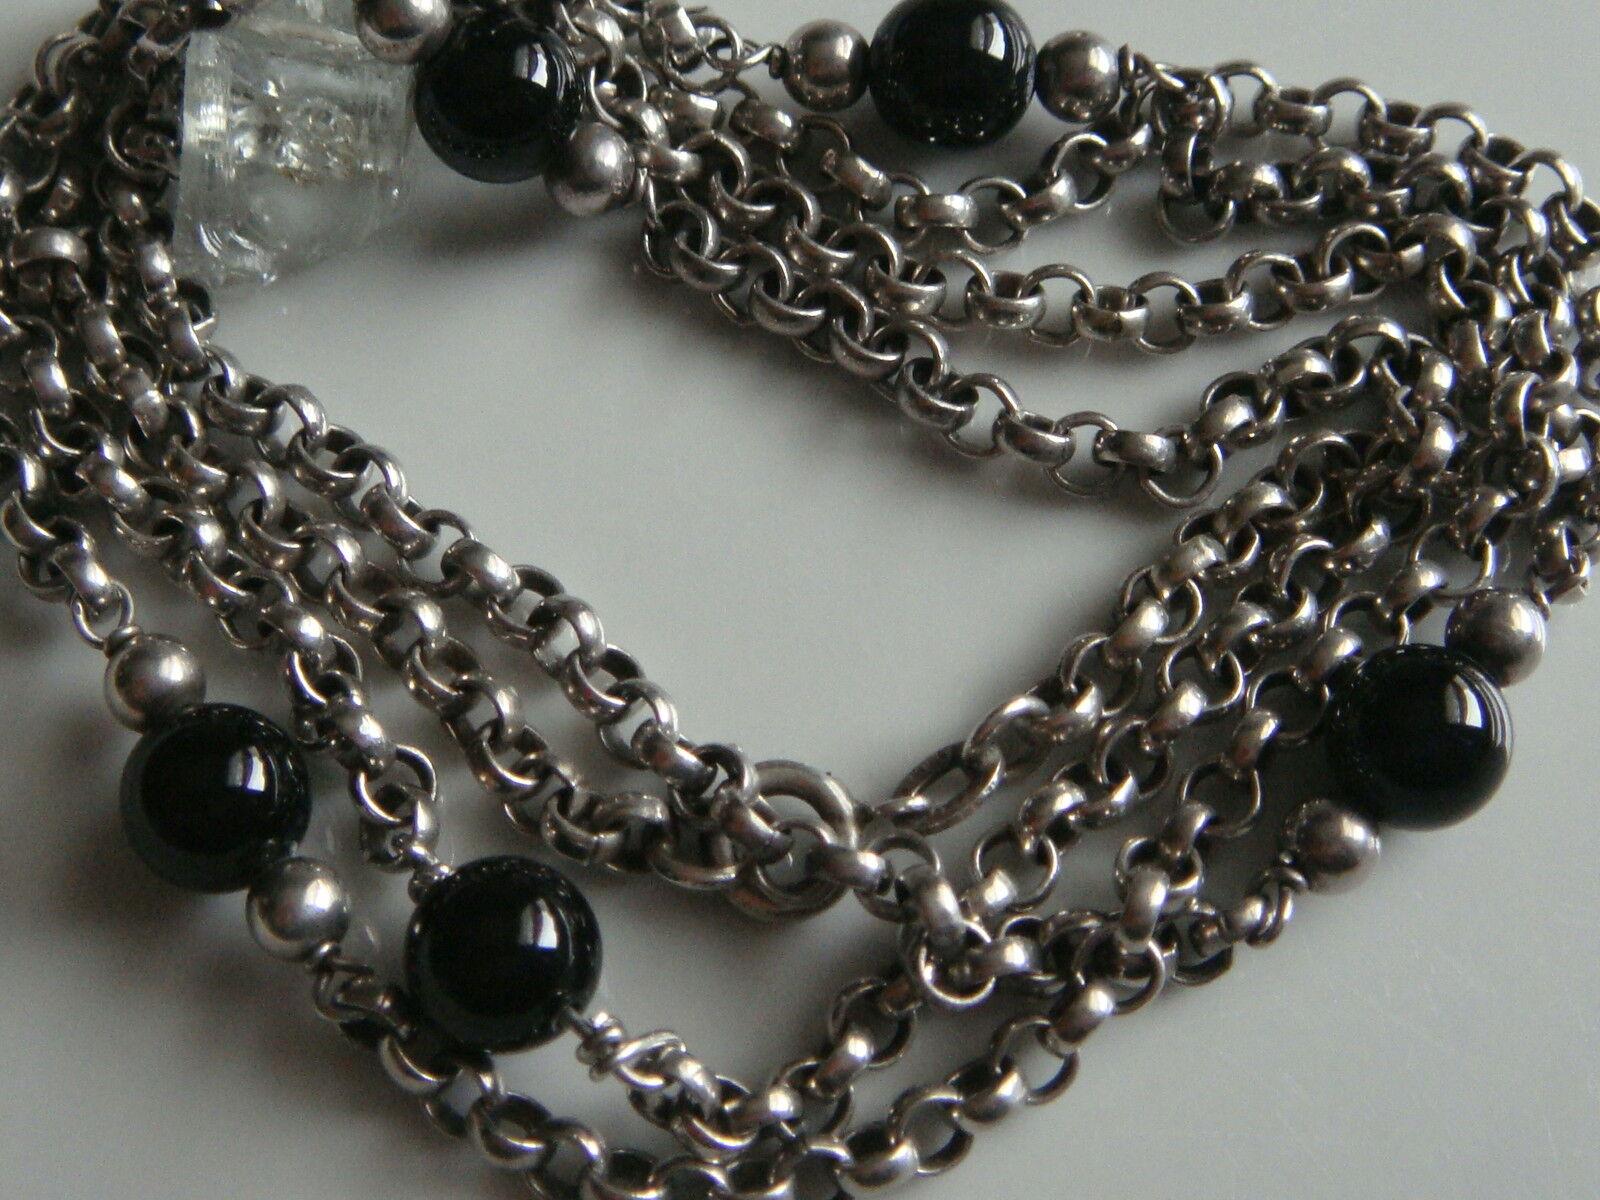 Cadena de silver Collar con ónix Piedras Preciosas 835 Joyería